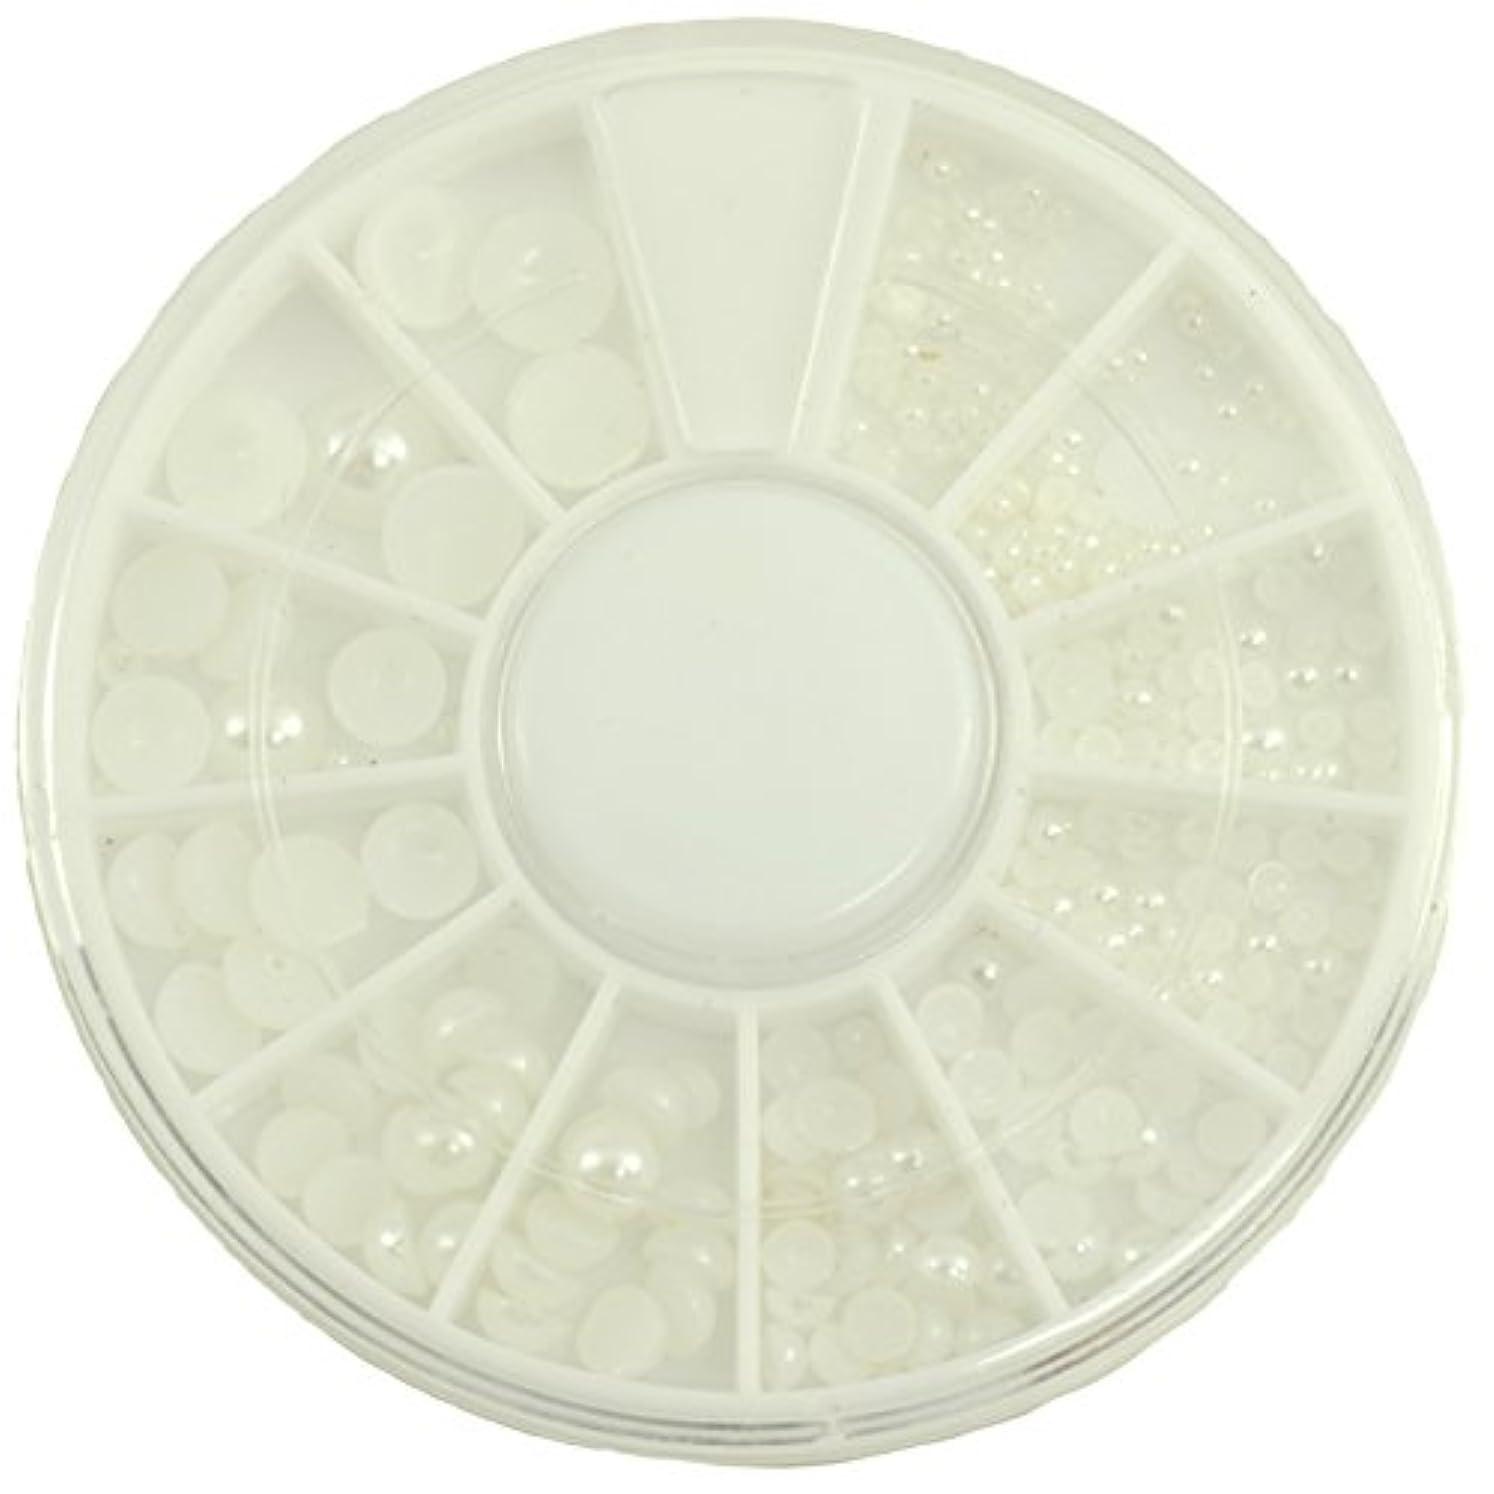 思いつく交じる啓発するネイルパーツ 半円パール ホワイト MIX 7mm5mm4mm3mm2mm1.5mm デコパーツ